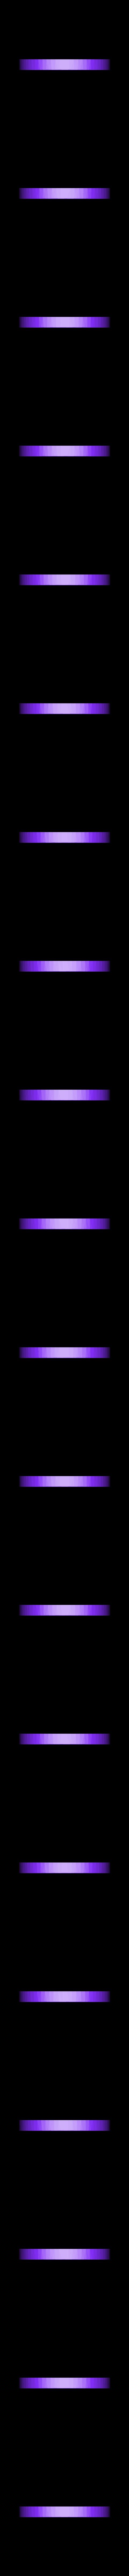 Disk.STL Télécharger fichier STL gratuit Ponceuse à disque GIANT • Modèle à imprimer en 3D, perinski